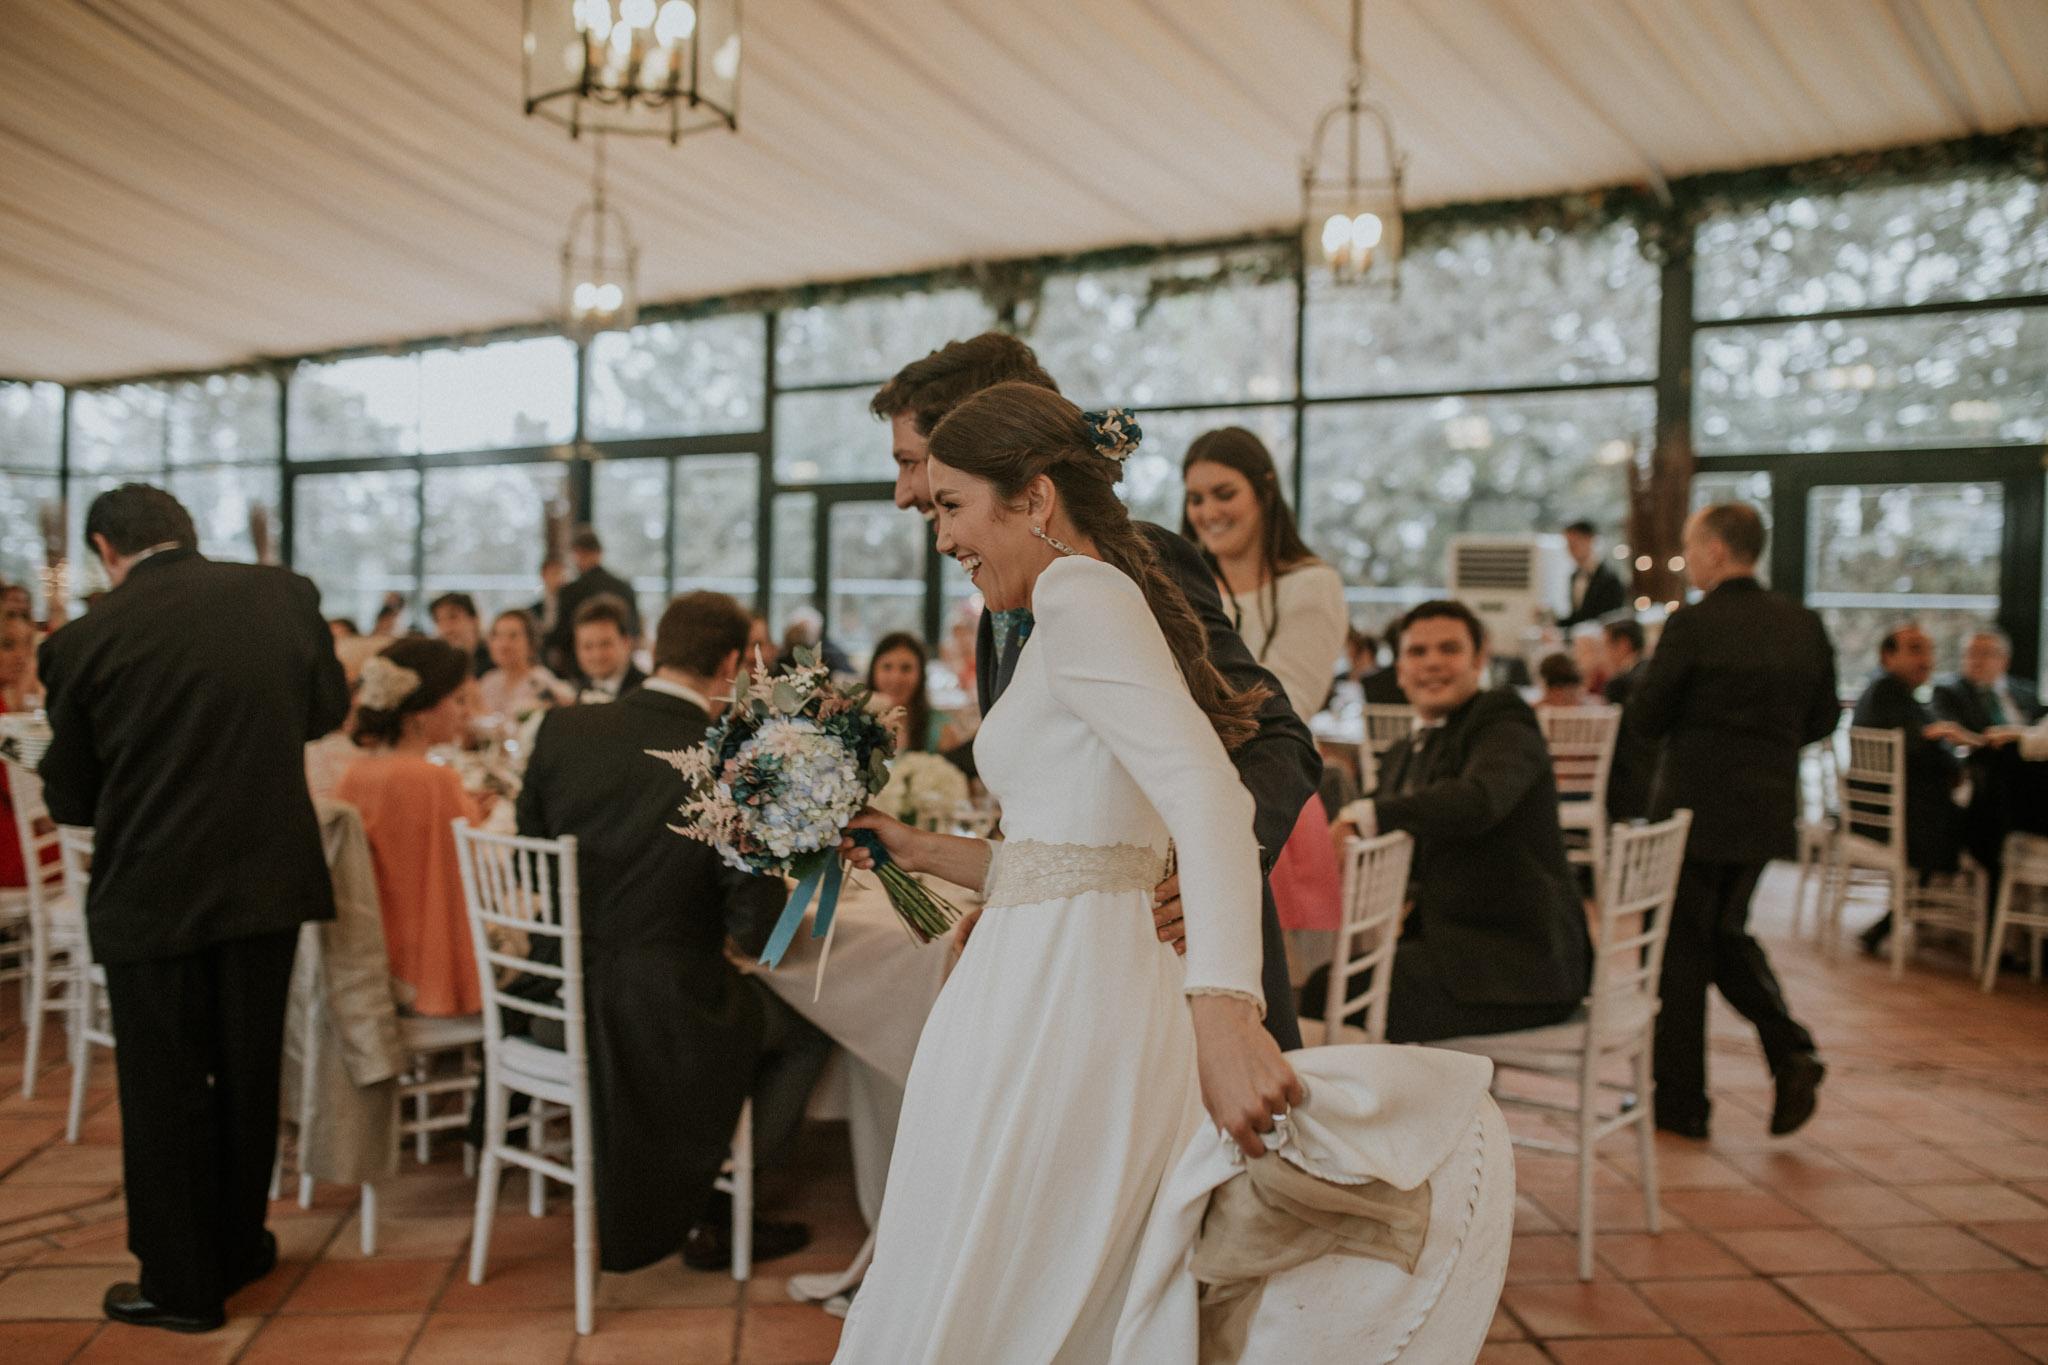 fotografia-boda-luguille-concorazon-116